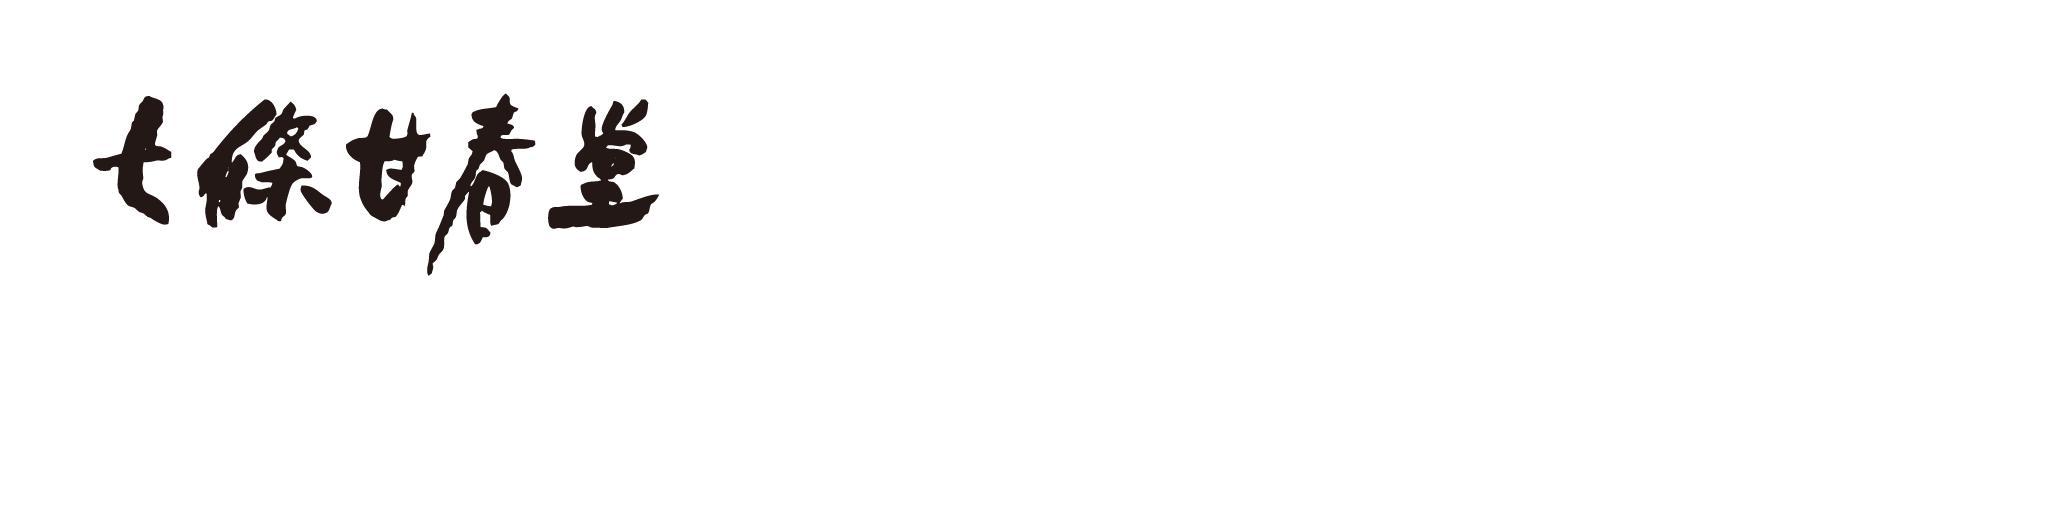 京都の和菓子通販:京菓匠 七條甘春堂 オンラインショップ